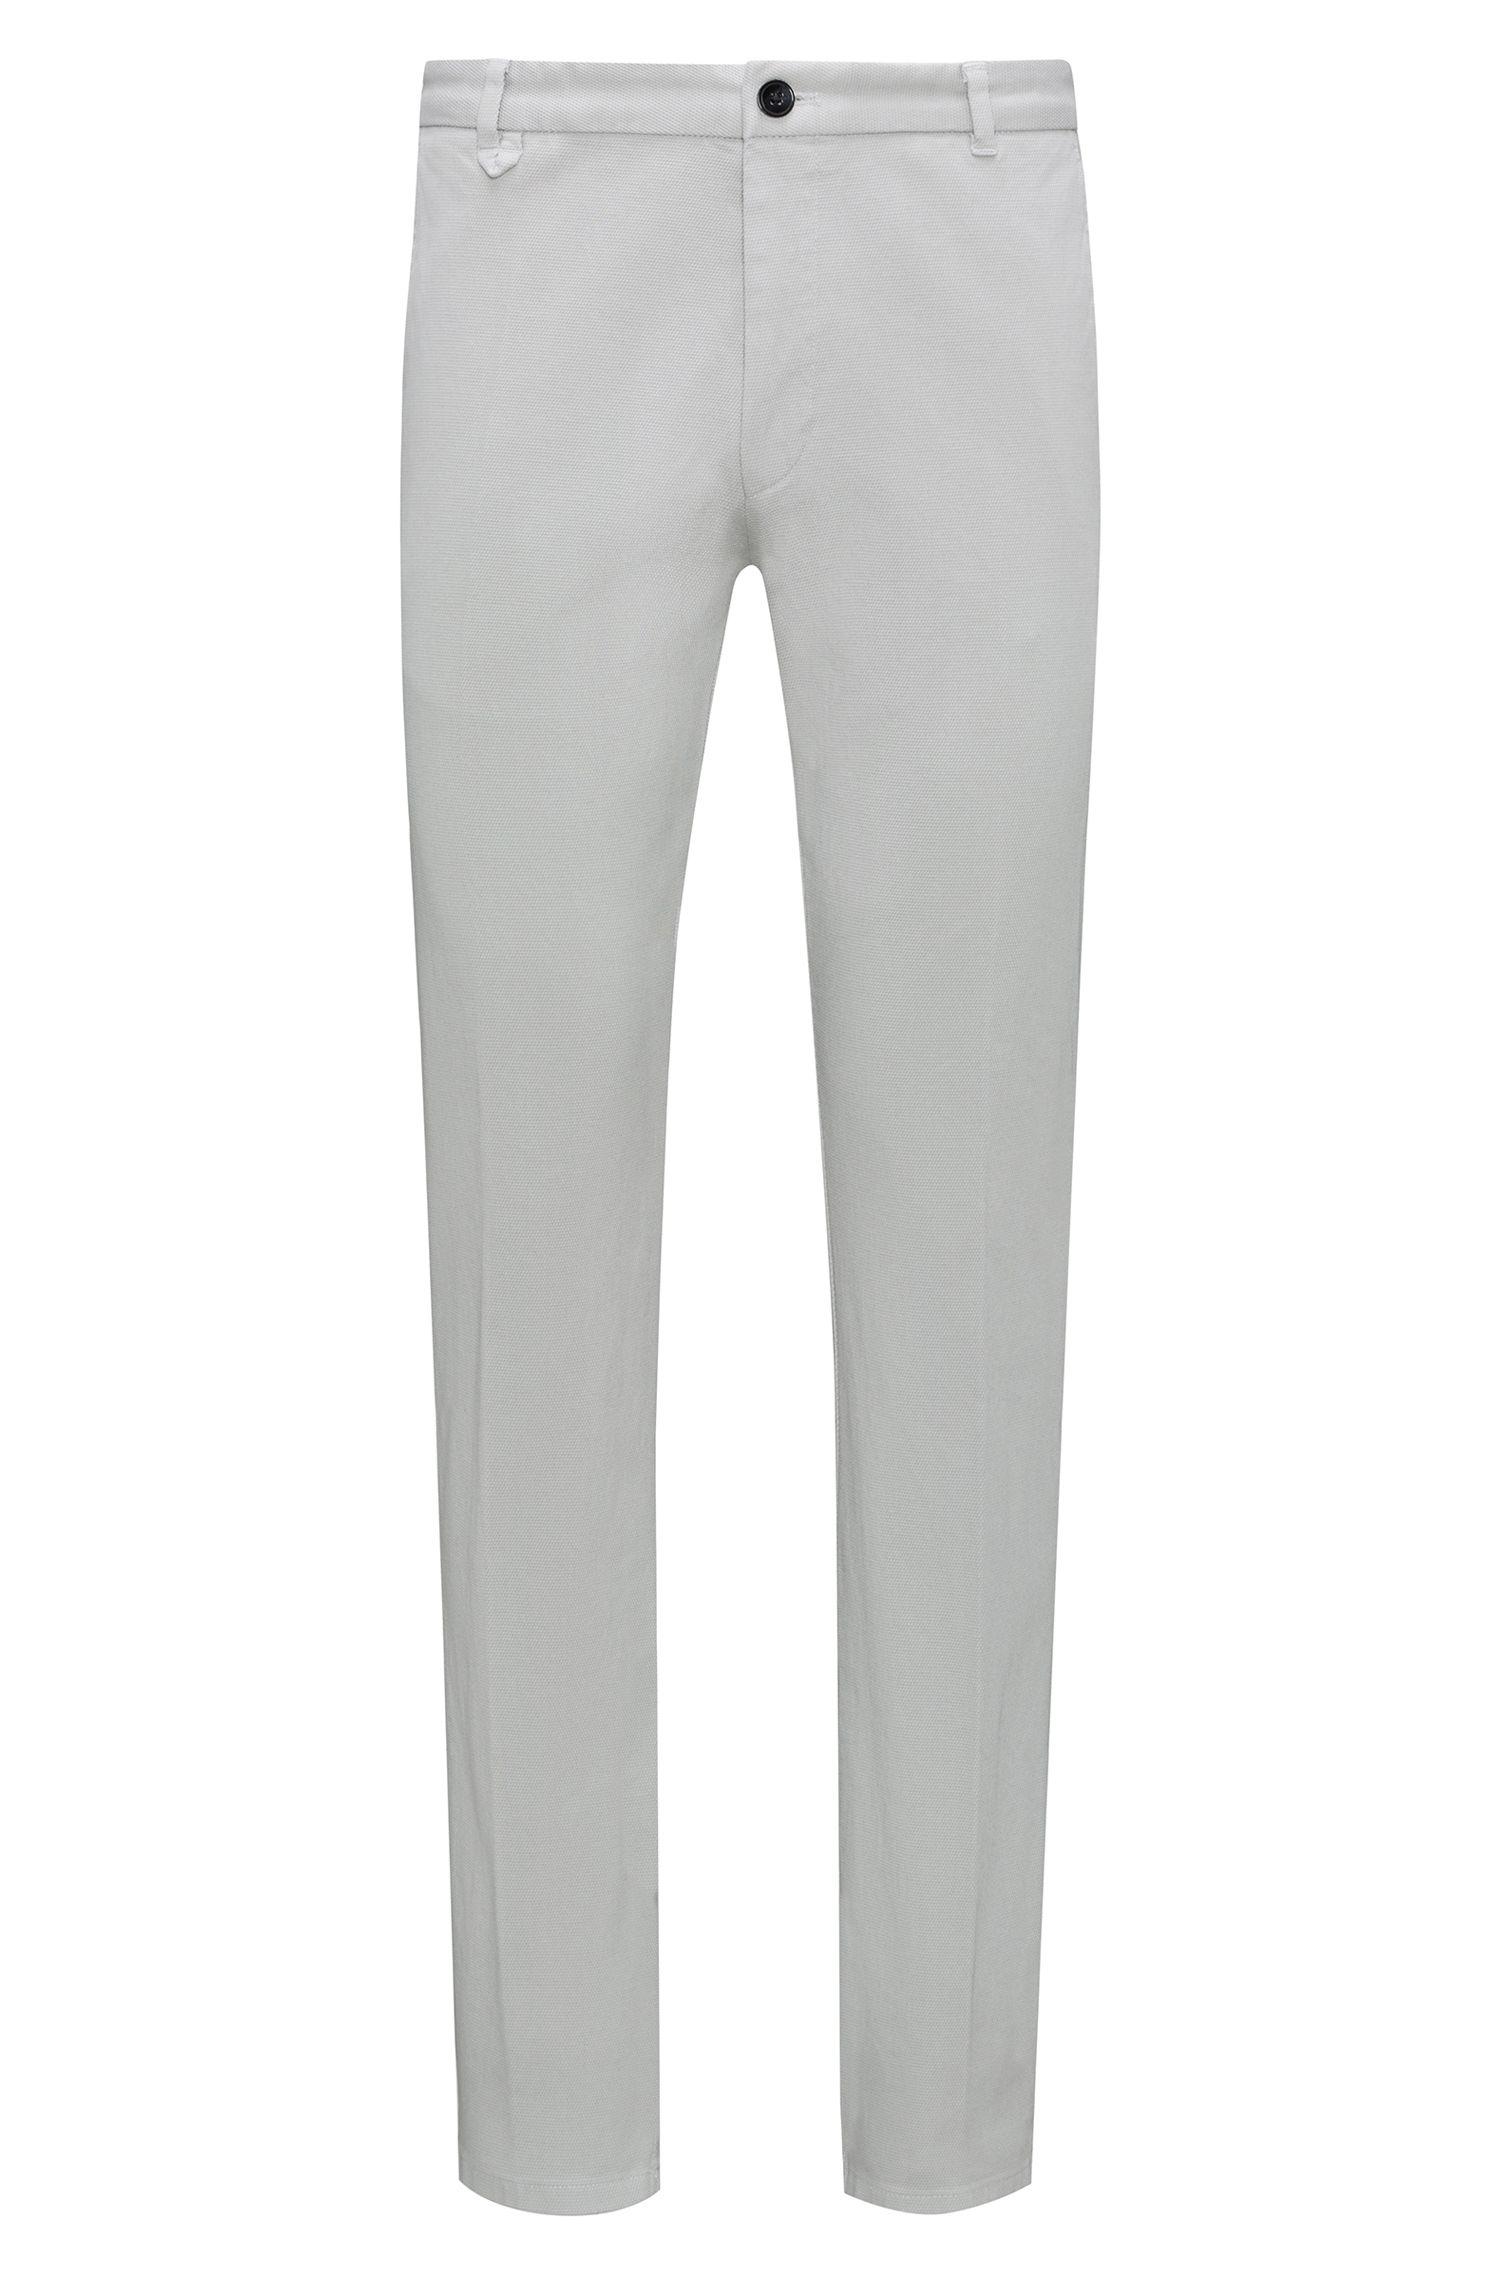 Extra Slim-Fit Hose aus elastischem Baumwoll-Twill mit Mesh-Effekt, Grau